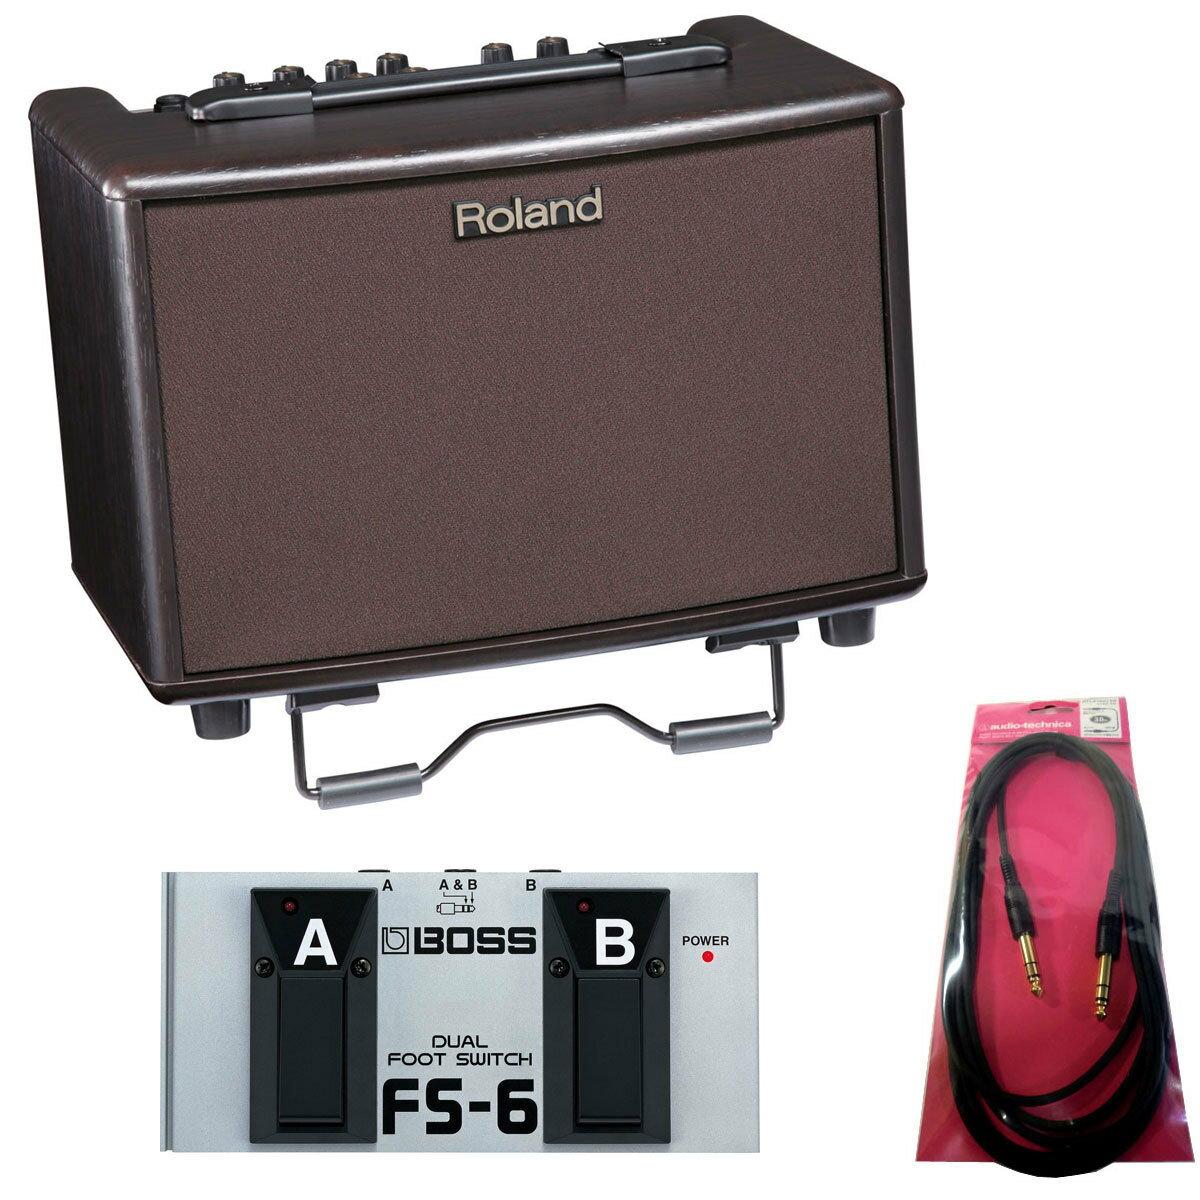 ギター用アクセサリー・パーツ, アンプ Roland AC-33-RW Acoustic Chorus BOSS FS-615W15W YRK